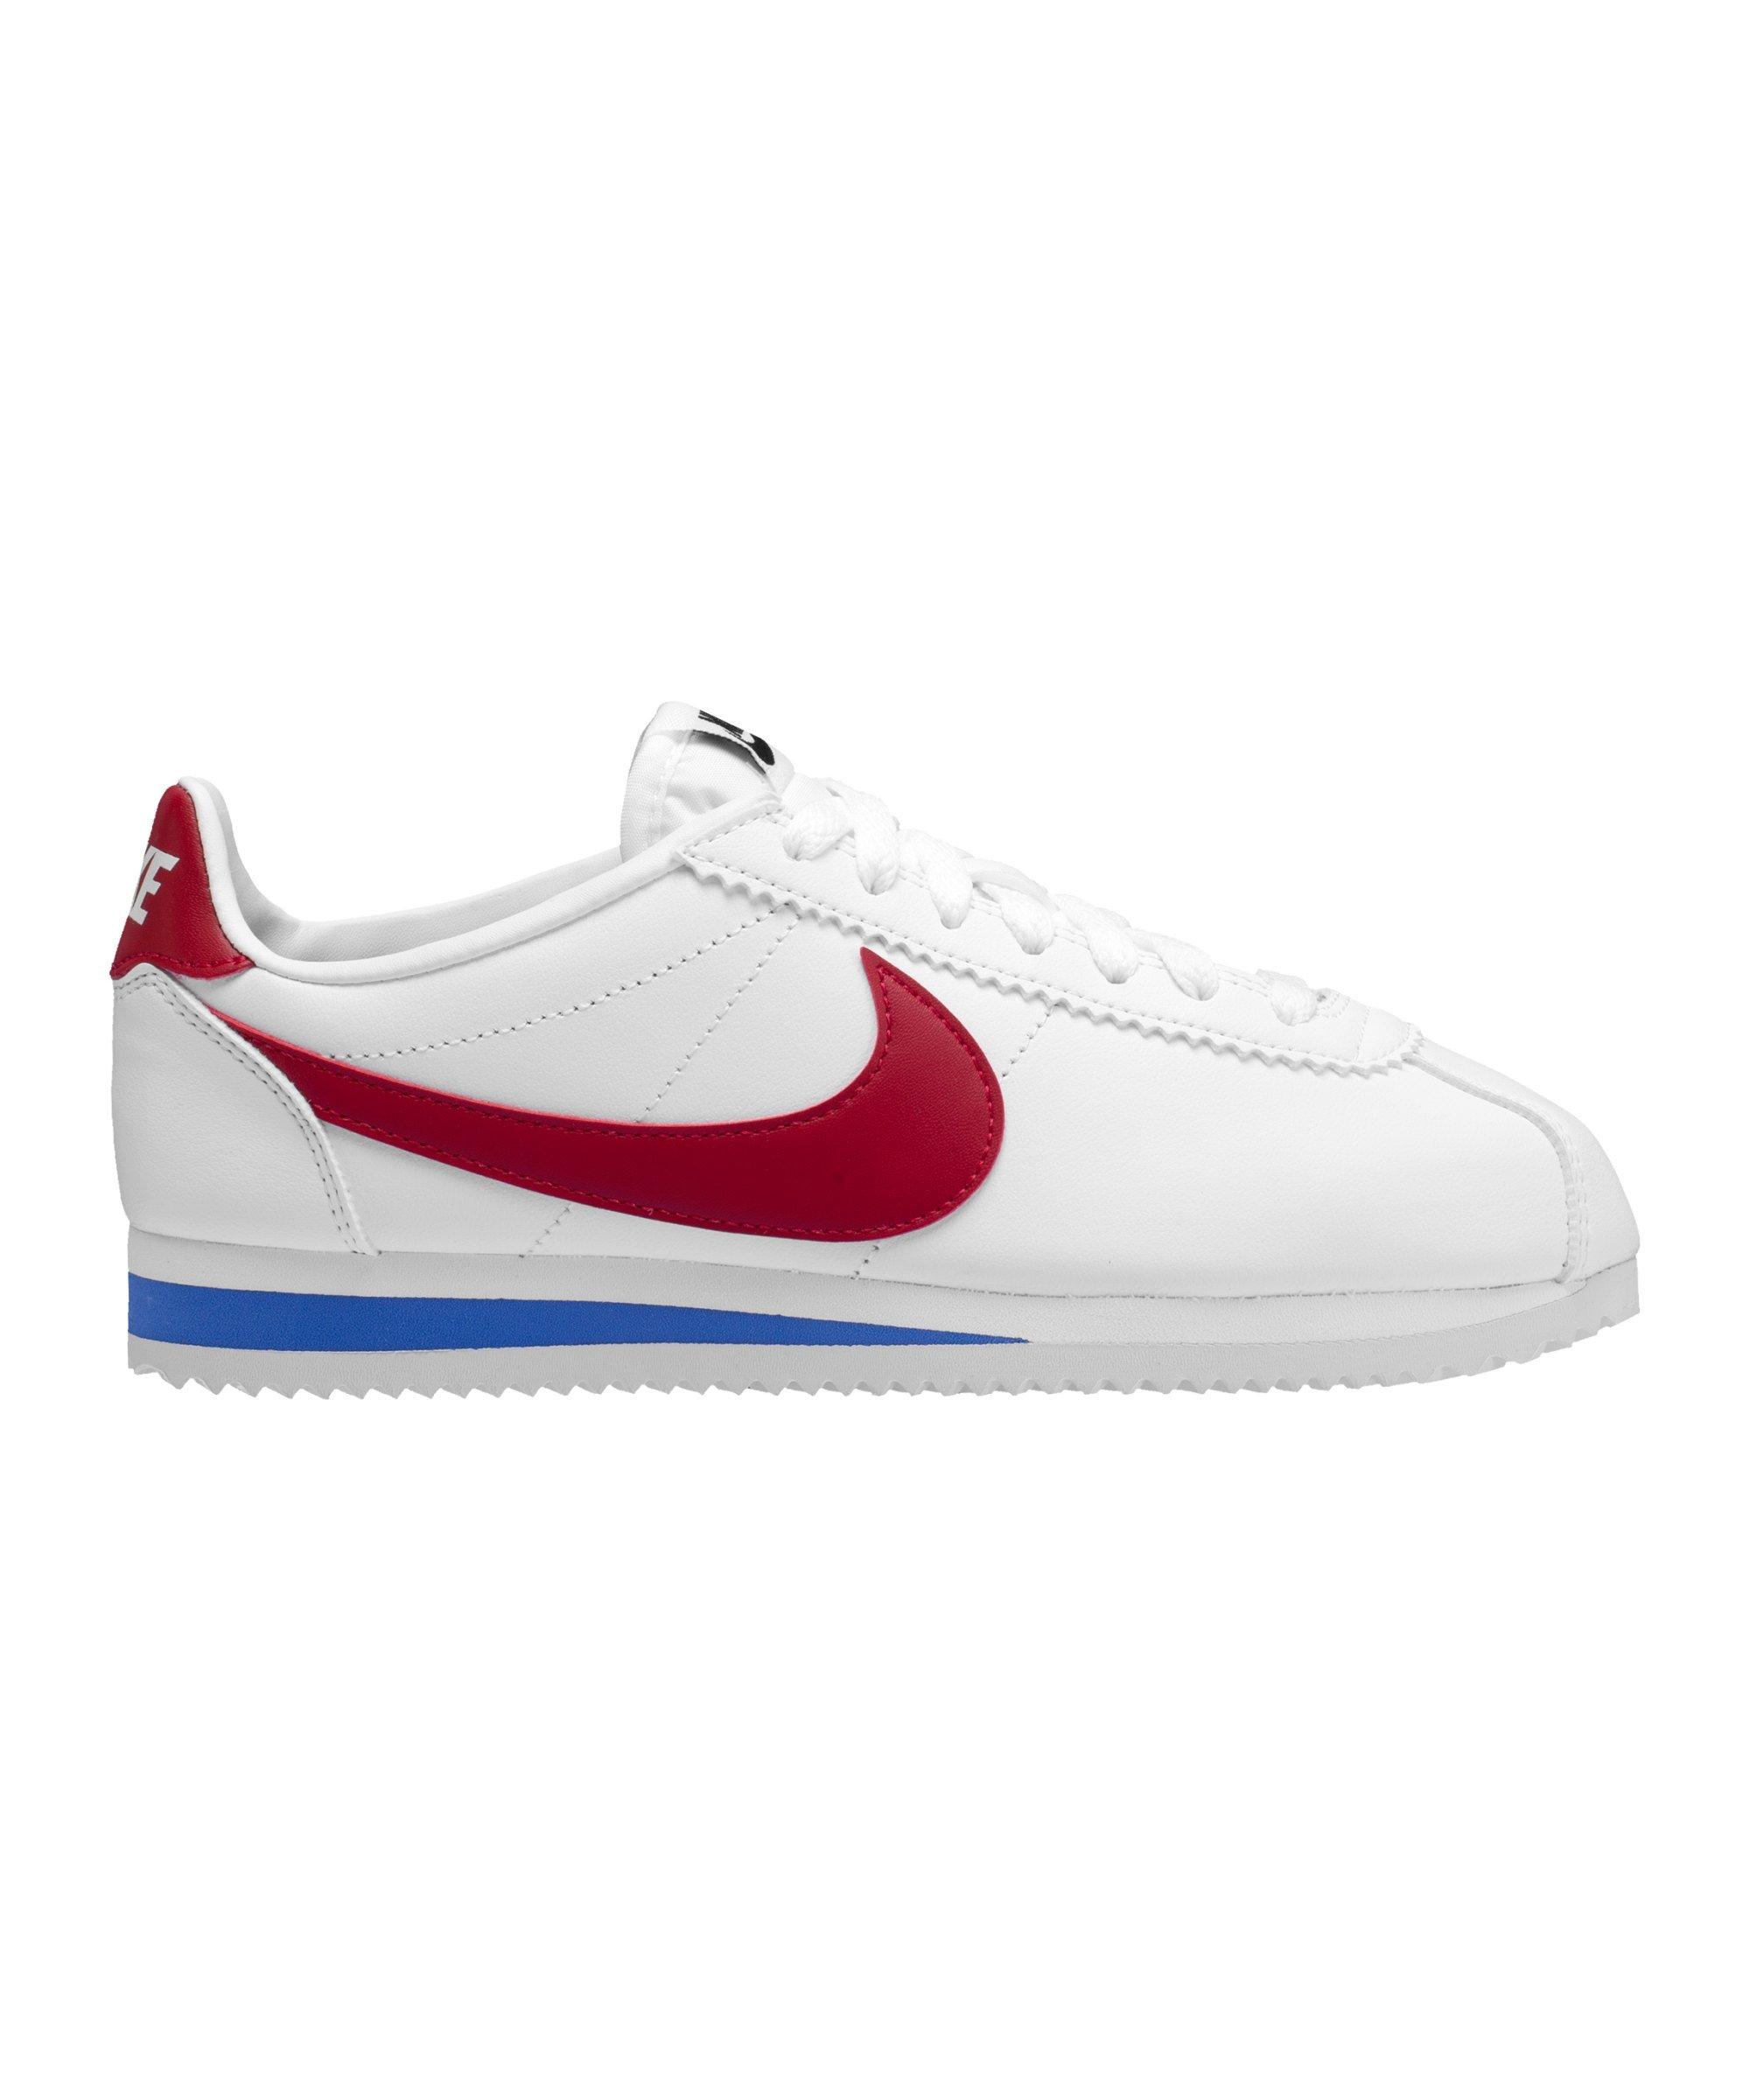 pretty nice aaf37 00870 Nike Classic Cortez Leder Sneaker Damen Weiss F103